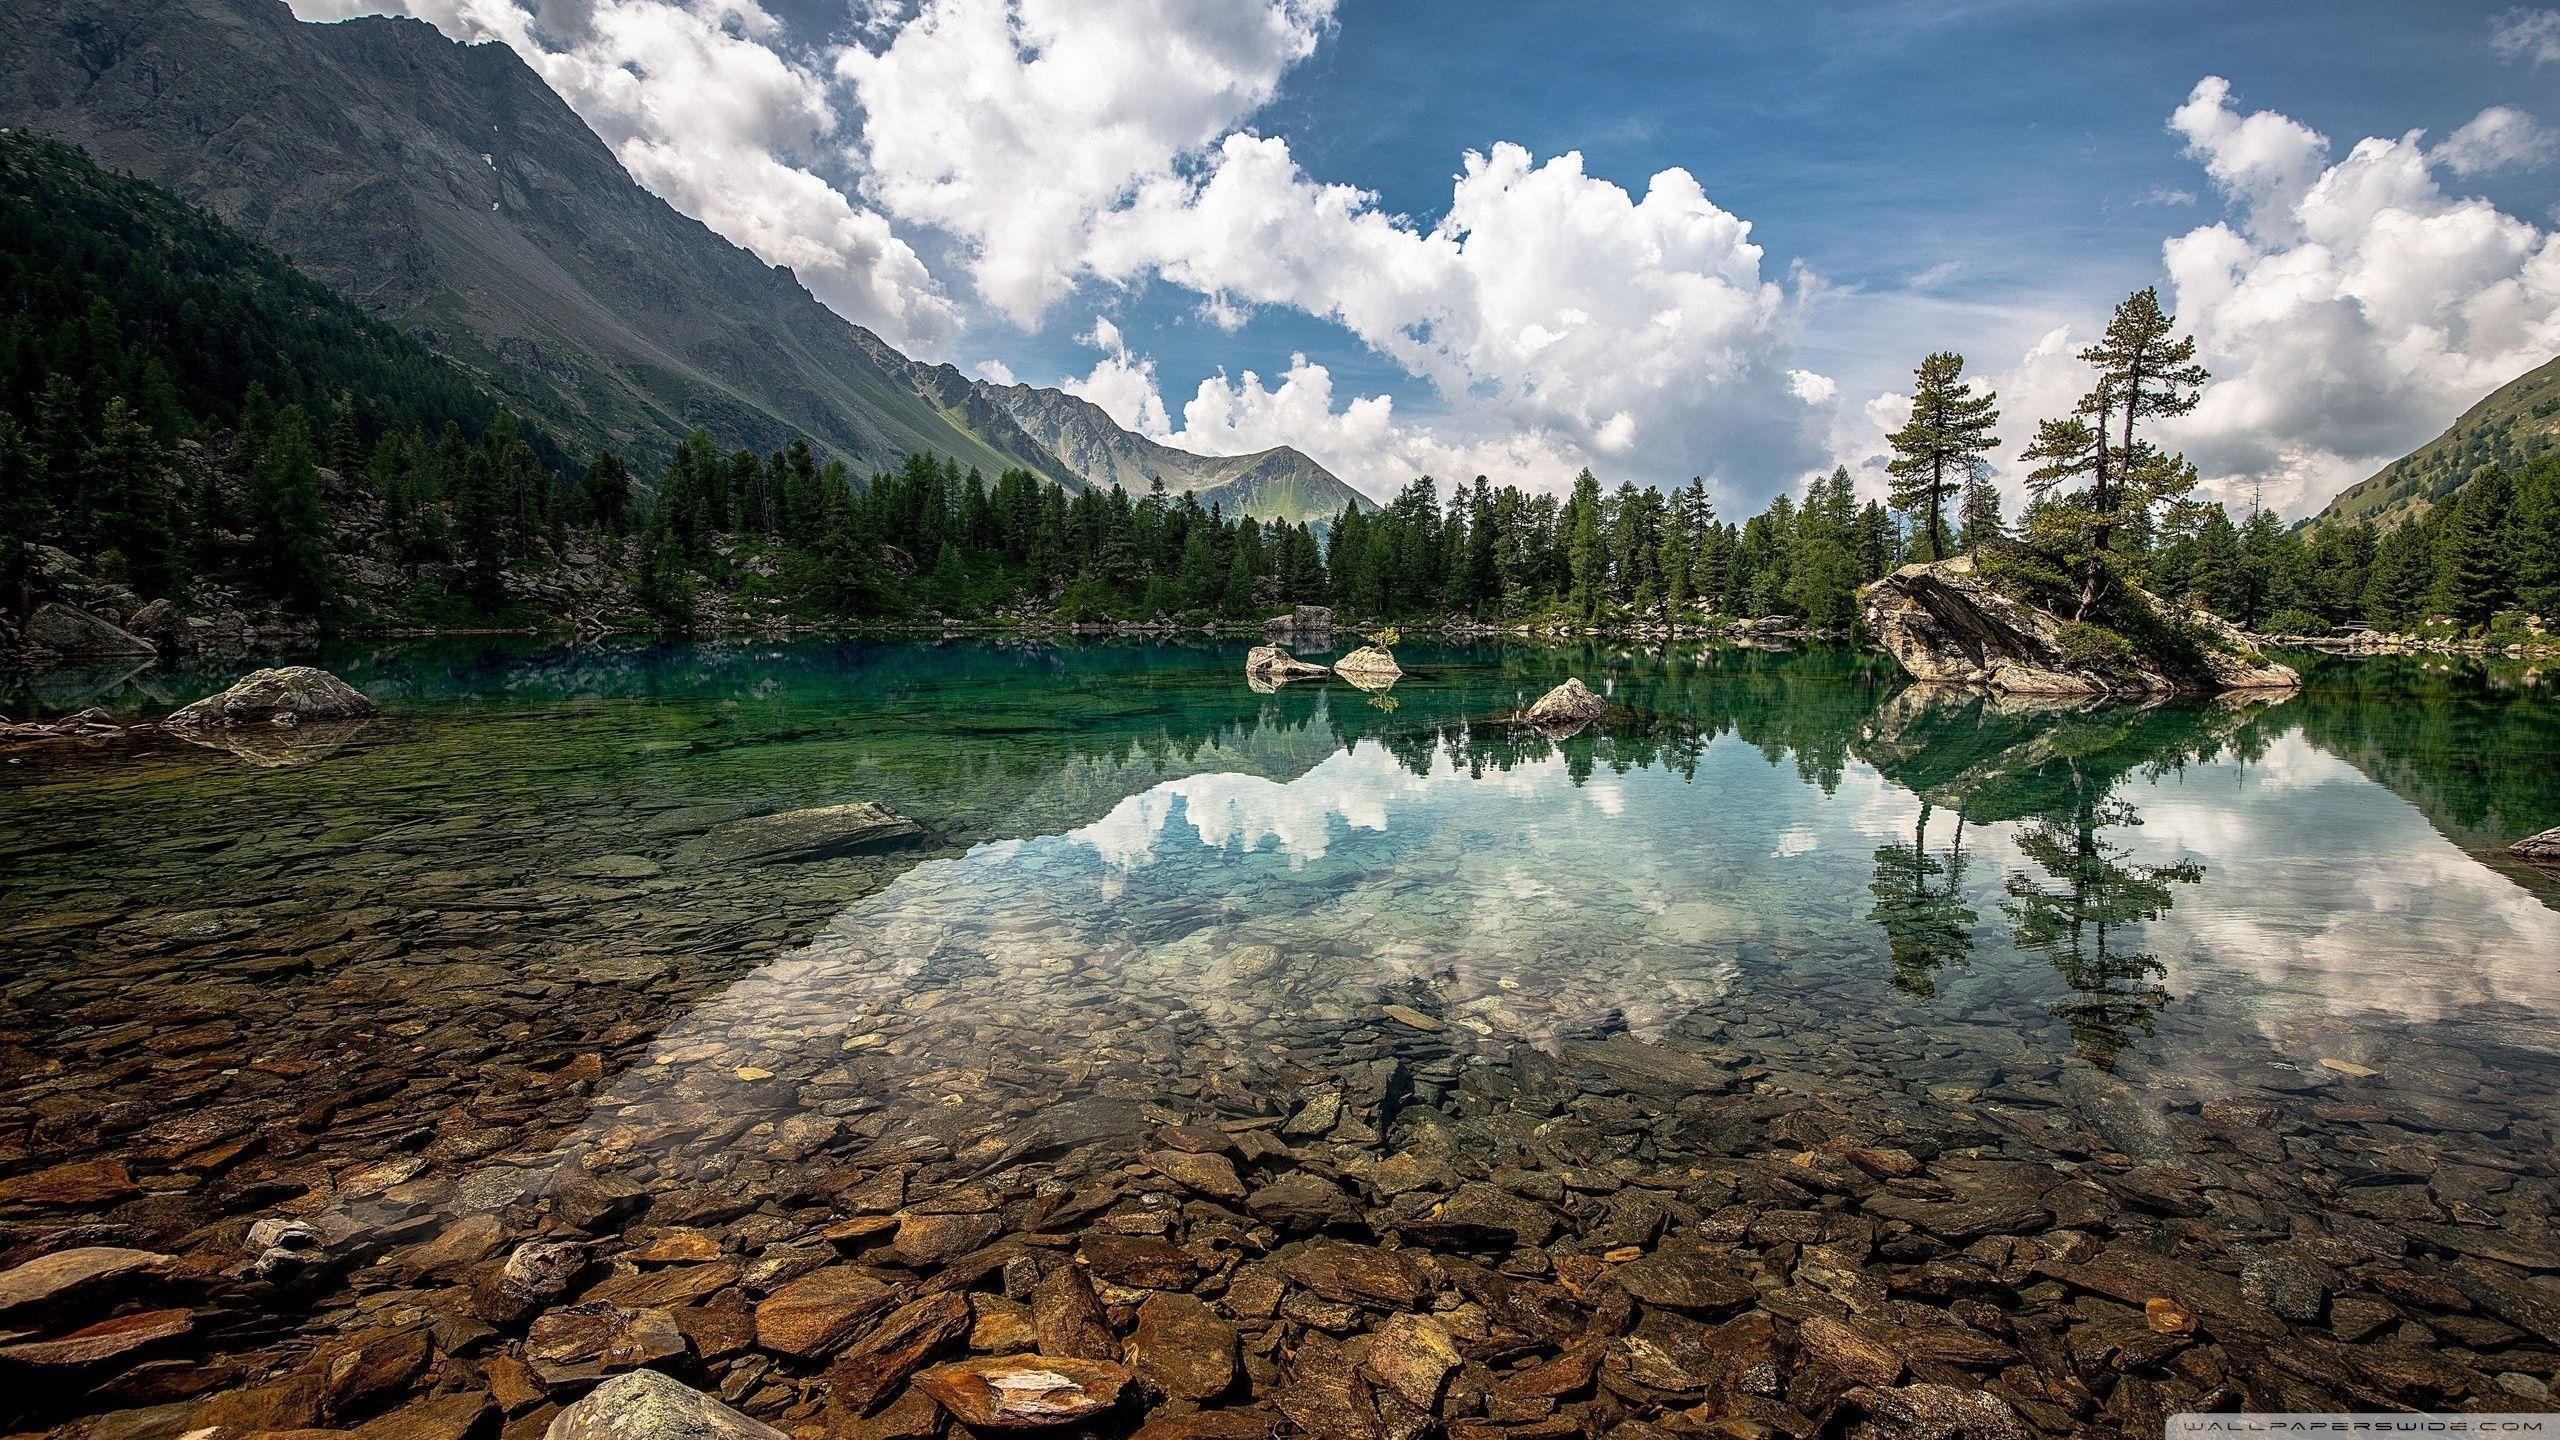 Mountain Water Wallpapers - Top Free Mountain Water ...Lake Water Wallpaper